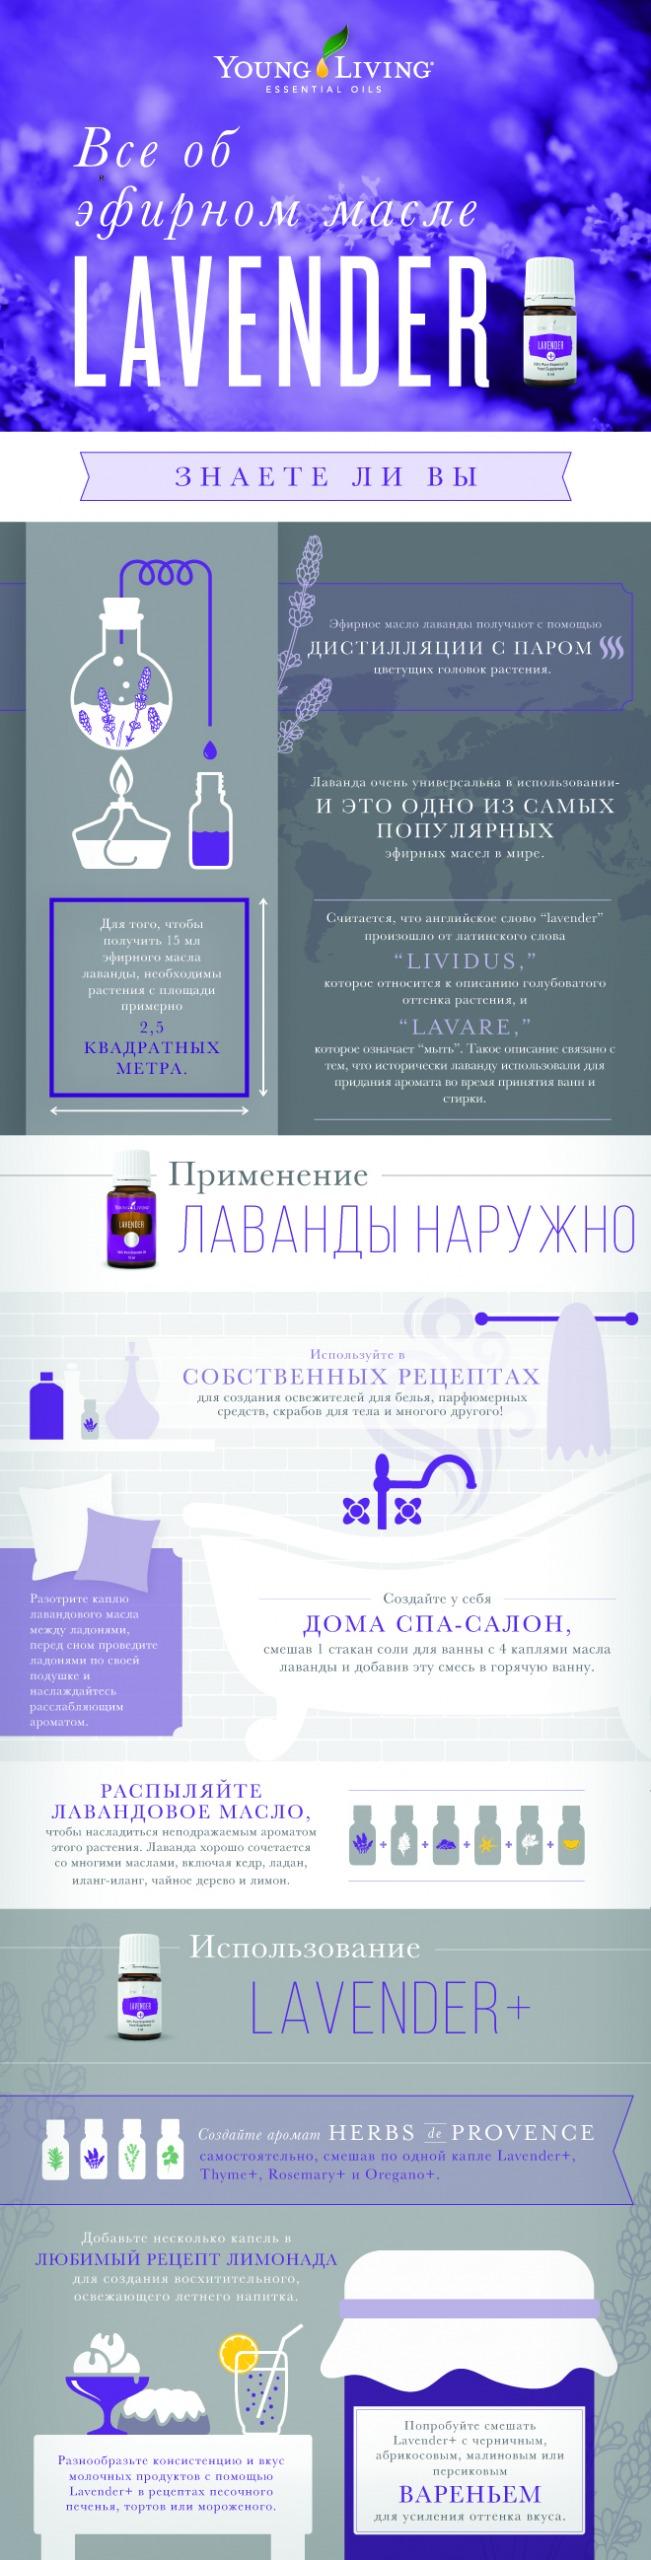 Эфирное масло Lavender популярно благодаря своему аромату, вкусу и универсальности, будь то применение Lavender наружно и в качестве аромата или использование Lavender+ в кулинарии.